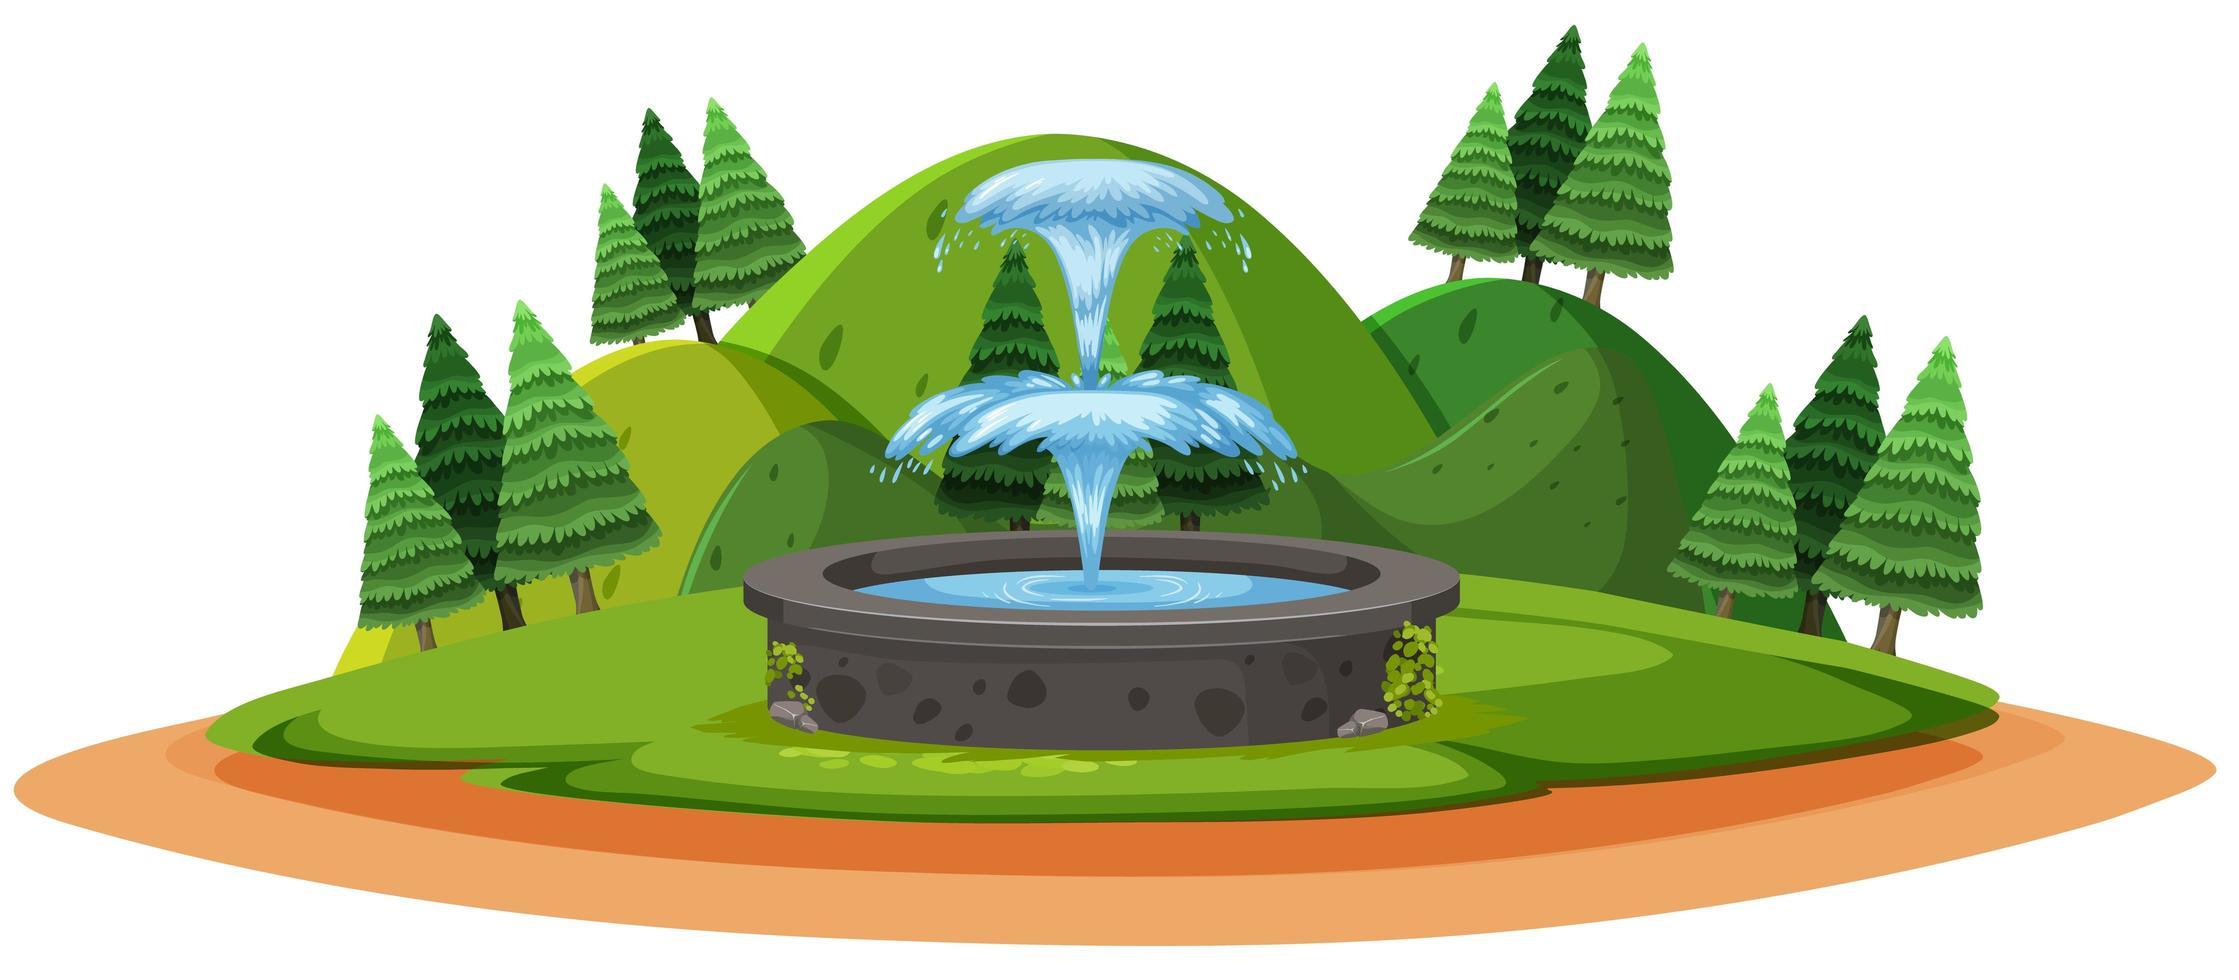 fontaine dans le style de dessin animé de forêt sur fond blanc vecteur